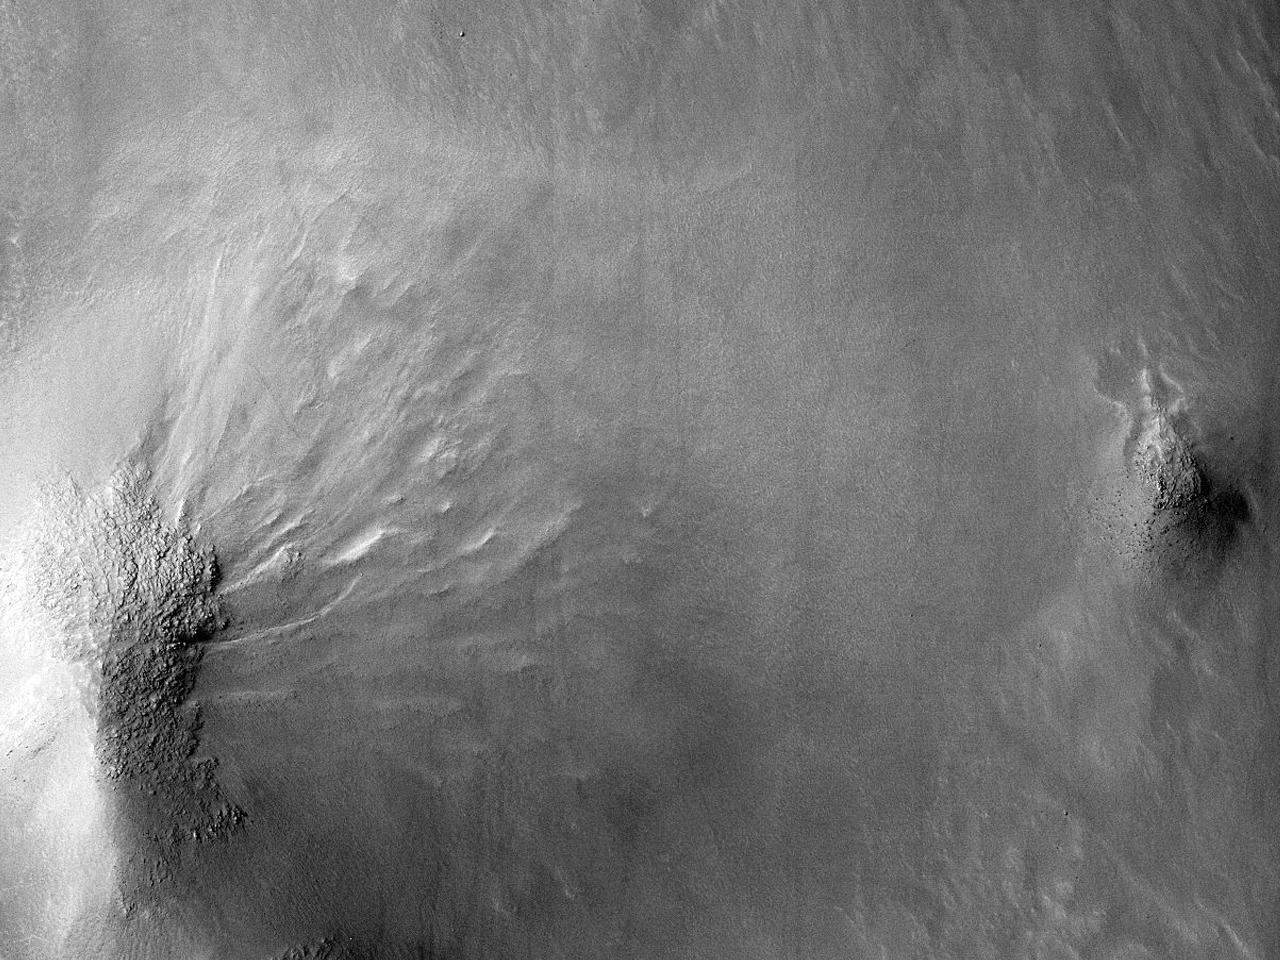 Kløfter i Galle-krateret